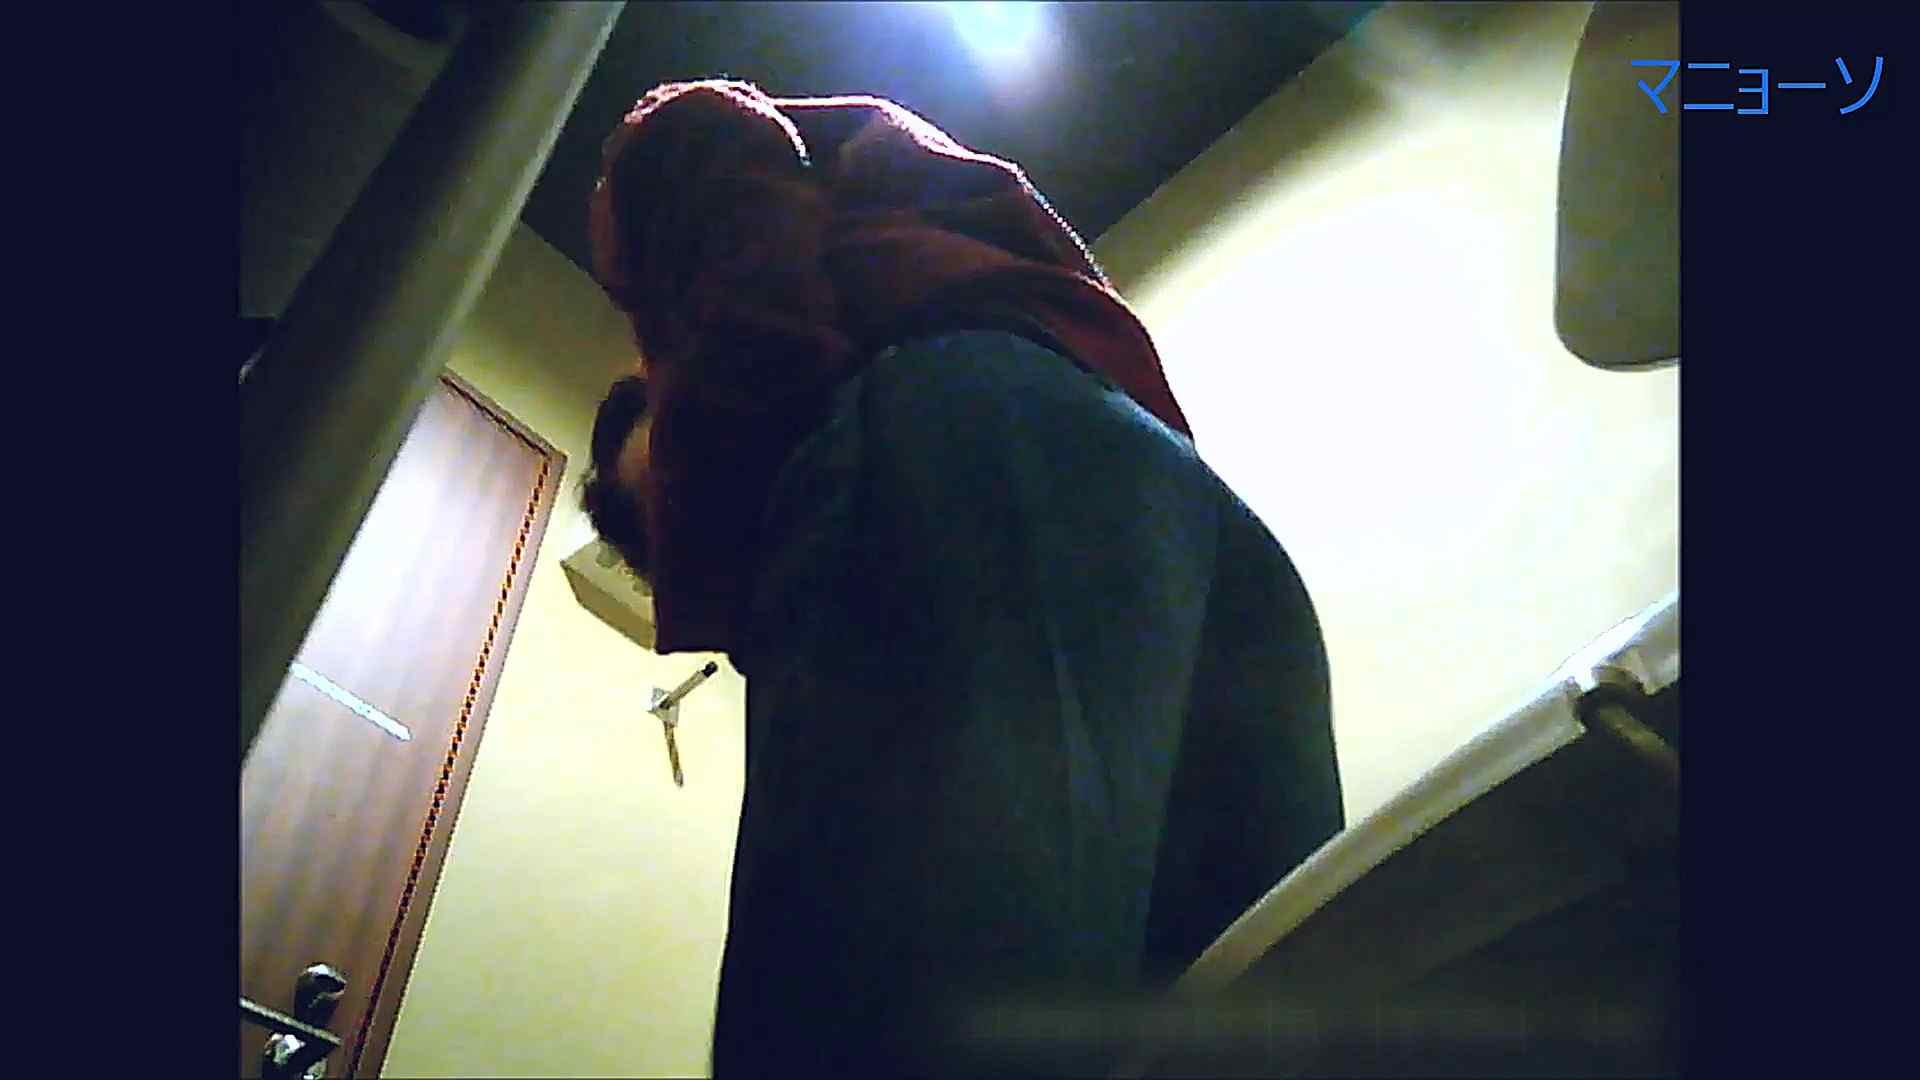 トイレでひと肌脱いでもらいました (JD編)Vol.07 お姉さんのSEX オマンコ動画キャプチャ 104枚 3